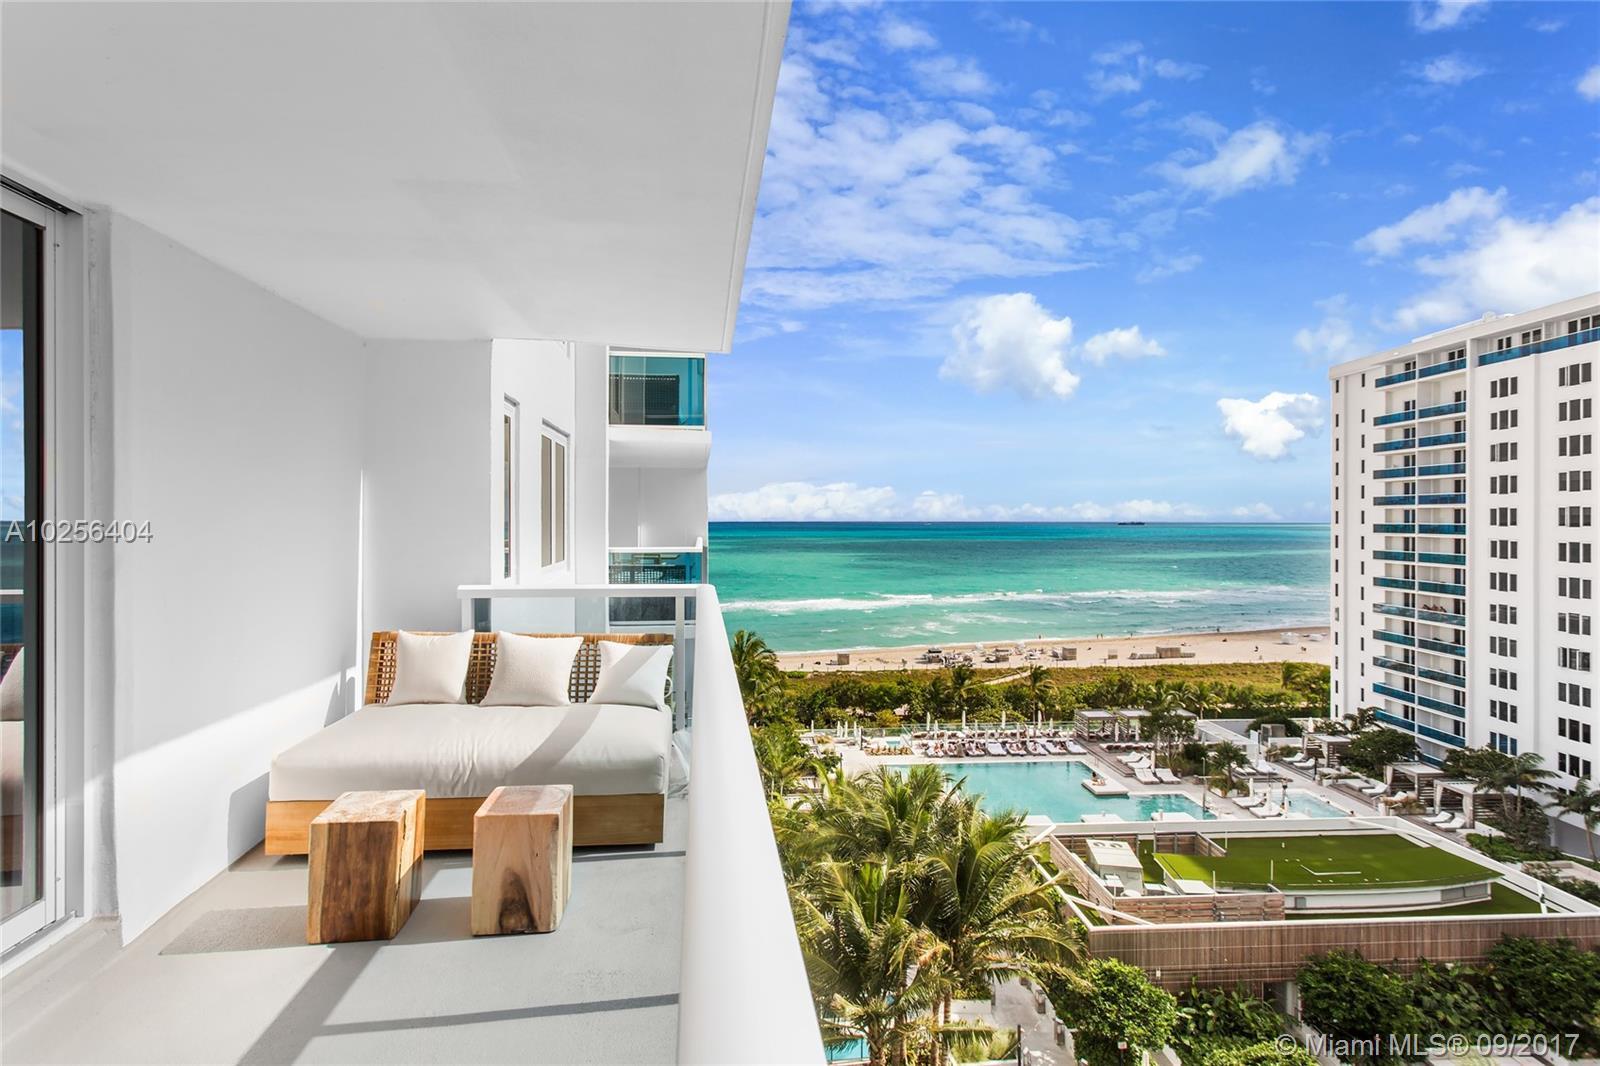 102 24th Street, 1104 - Miami Beach, Florida